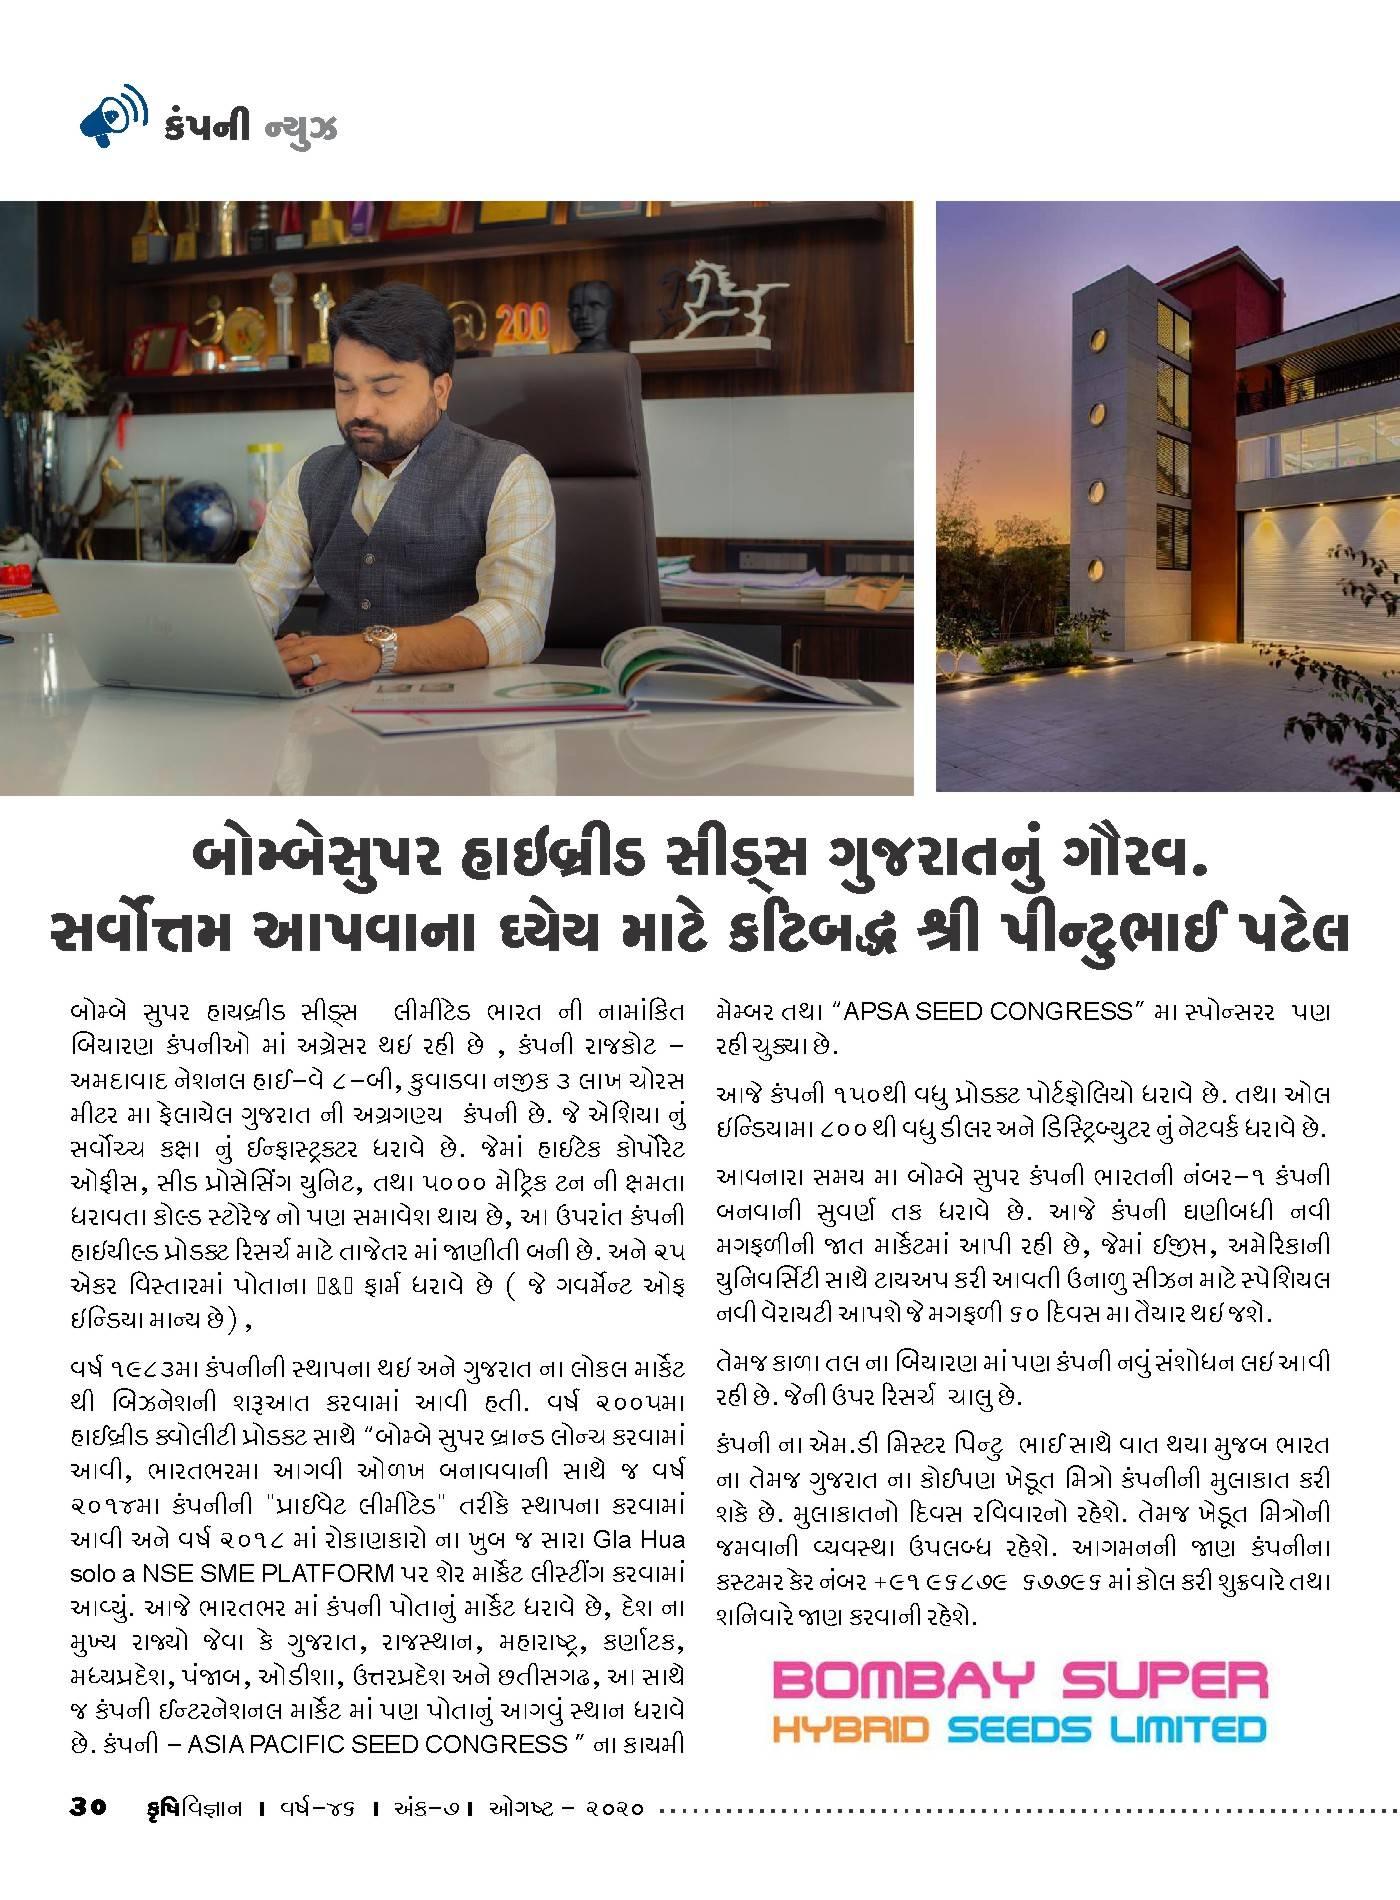 કંપની ન્યુઝ : બોમ્બે સુપર હાઈબ્રીડ સીડ્સ ગુજરાતનું ગૌરવ.